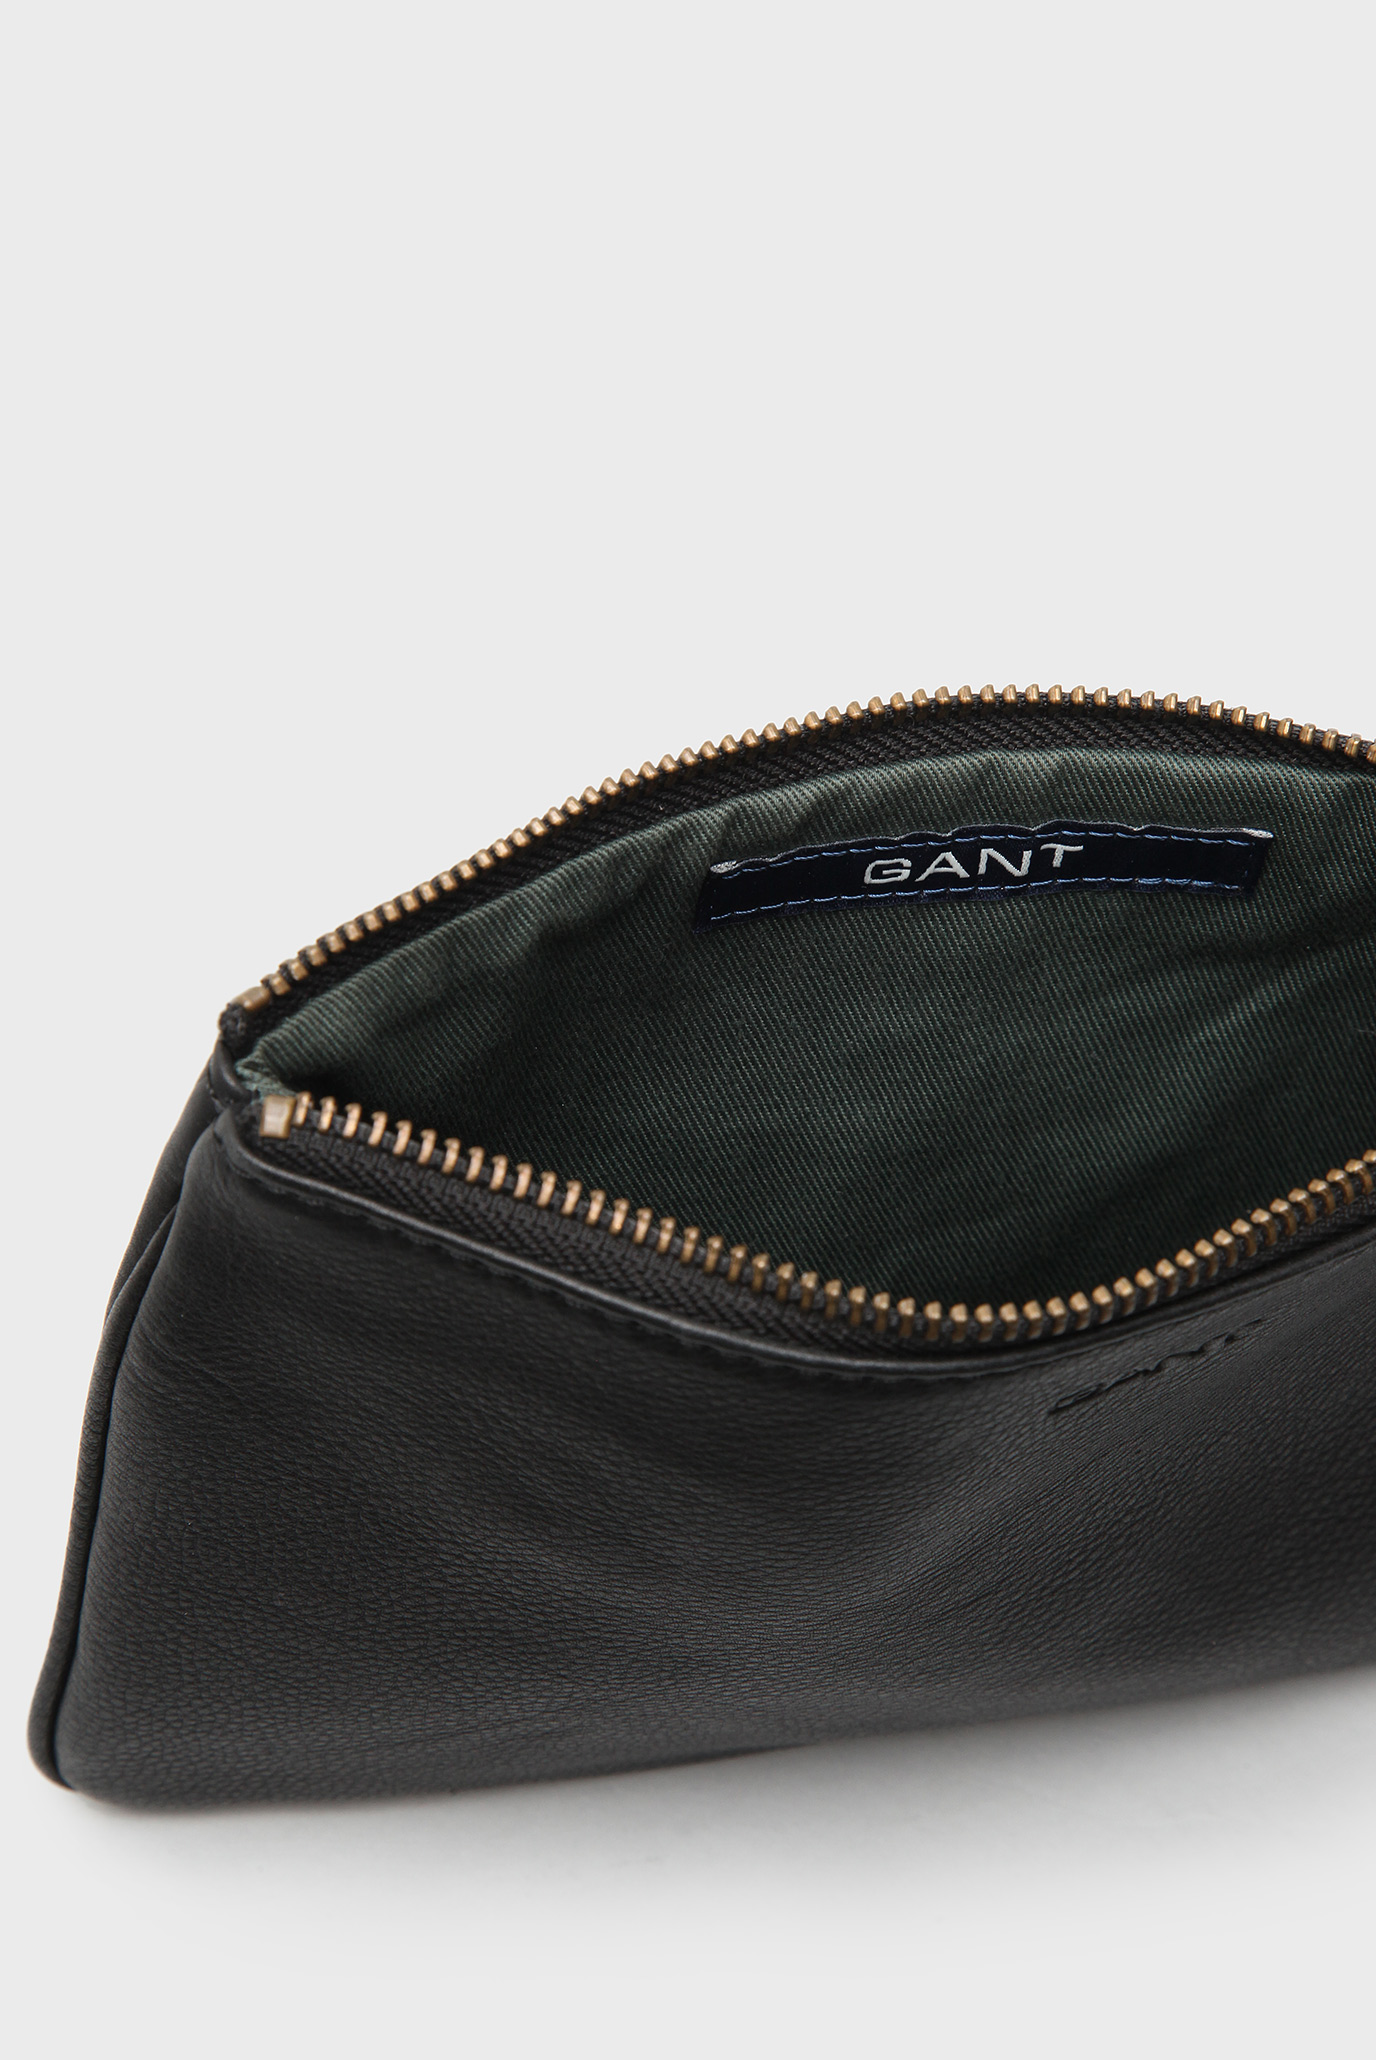 Купить Женская черная кожаная косметичка Gant Gant 498815-5 – Киев,  Украина. Цены в интернет магазине MD Fashion 505648f77ea